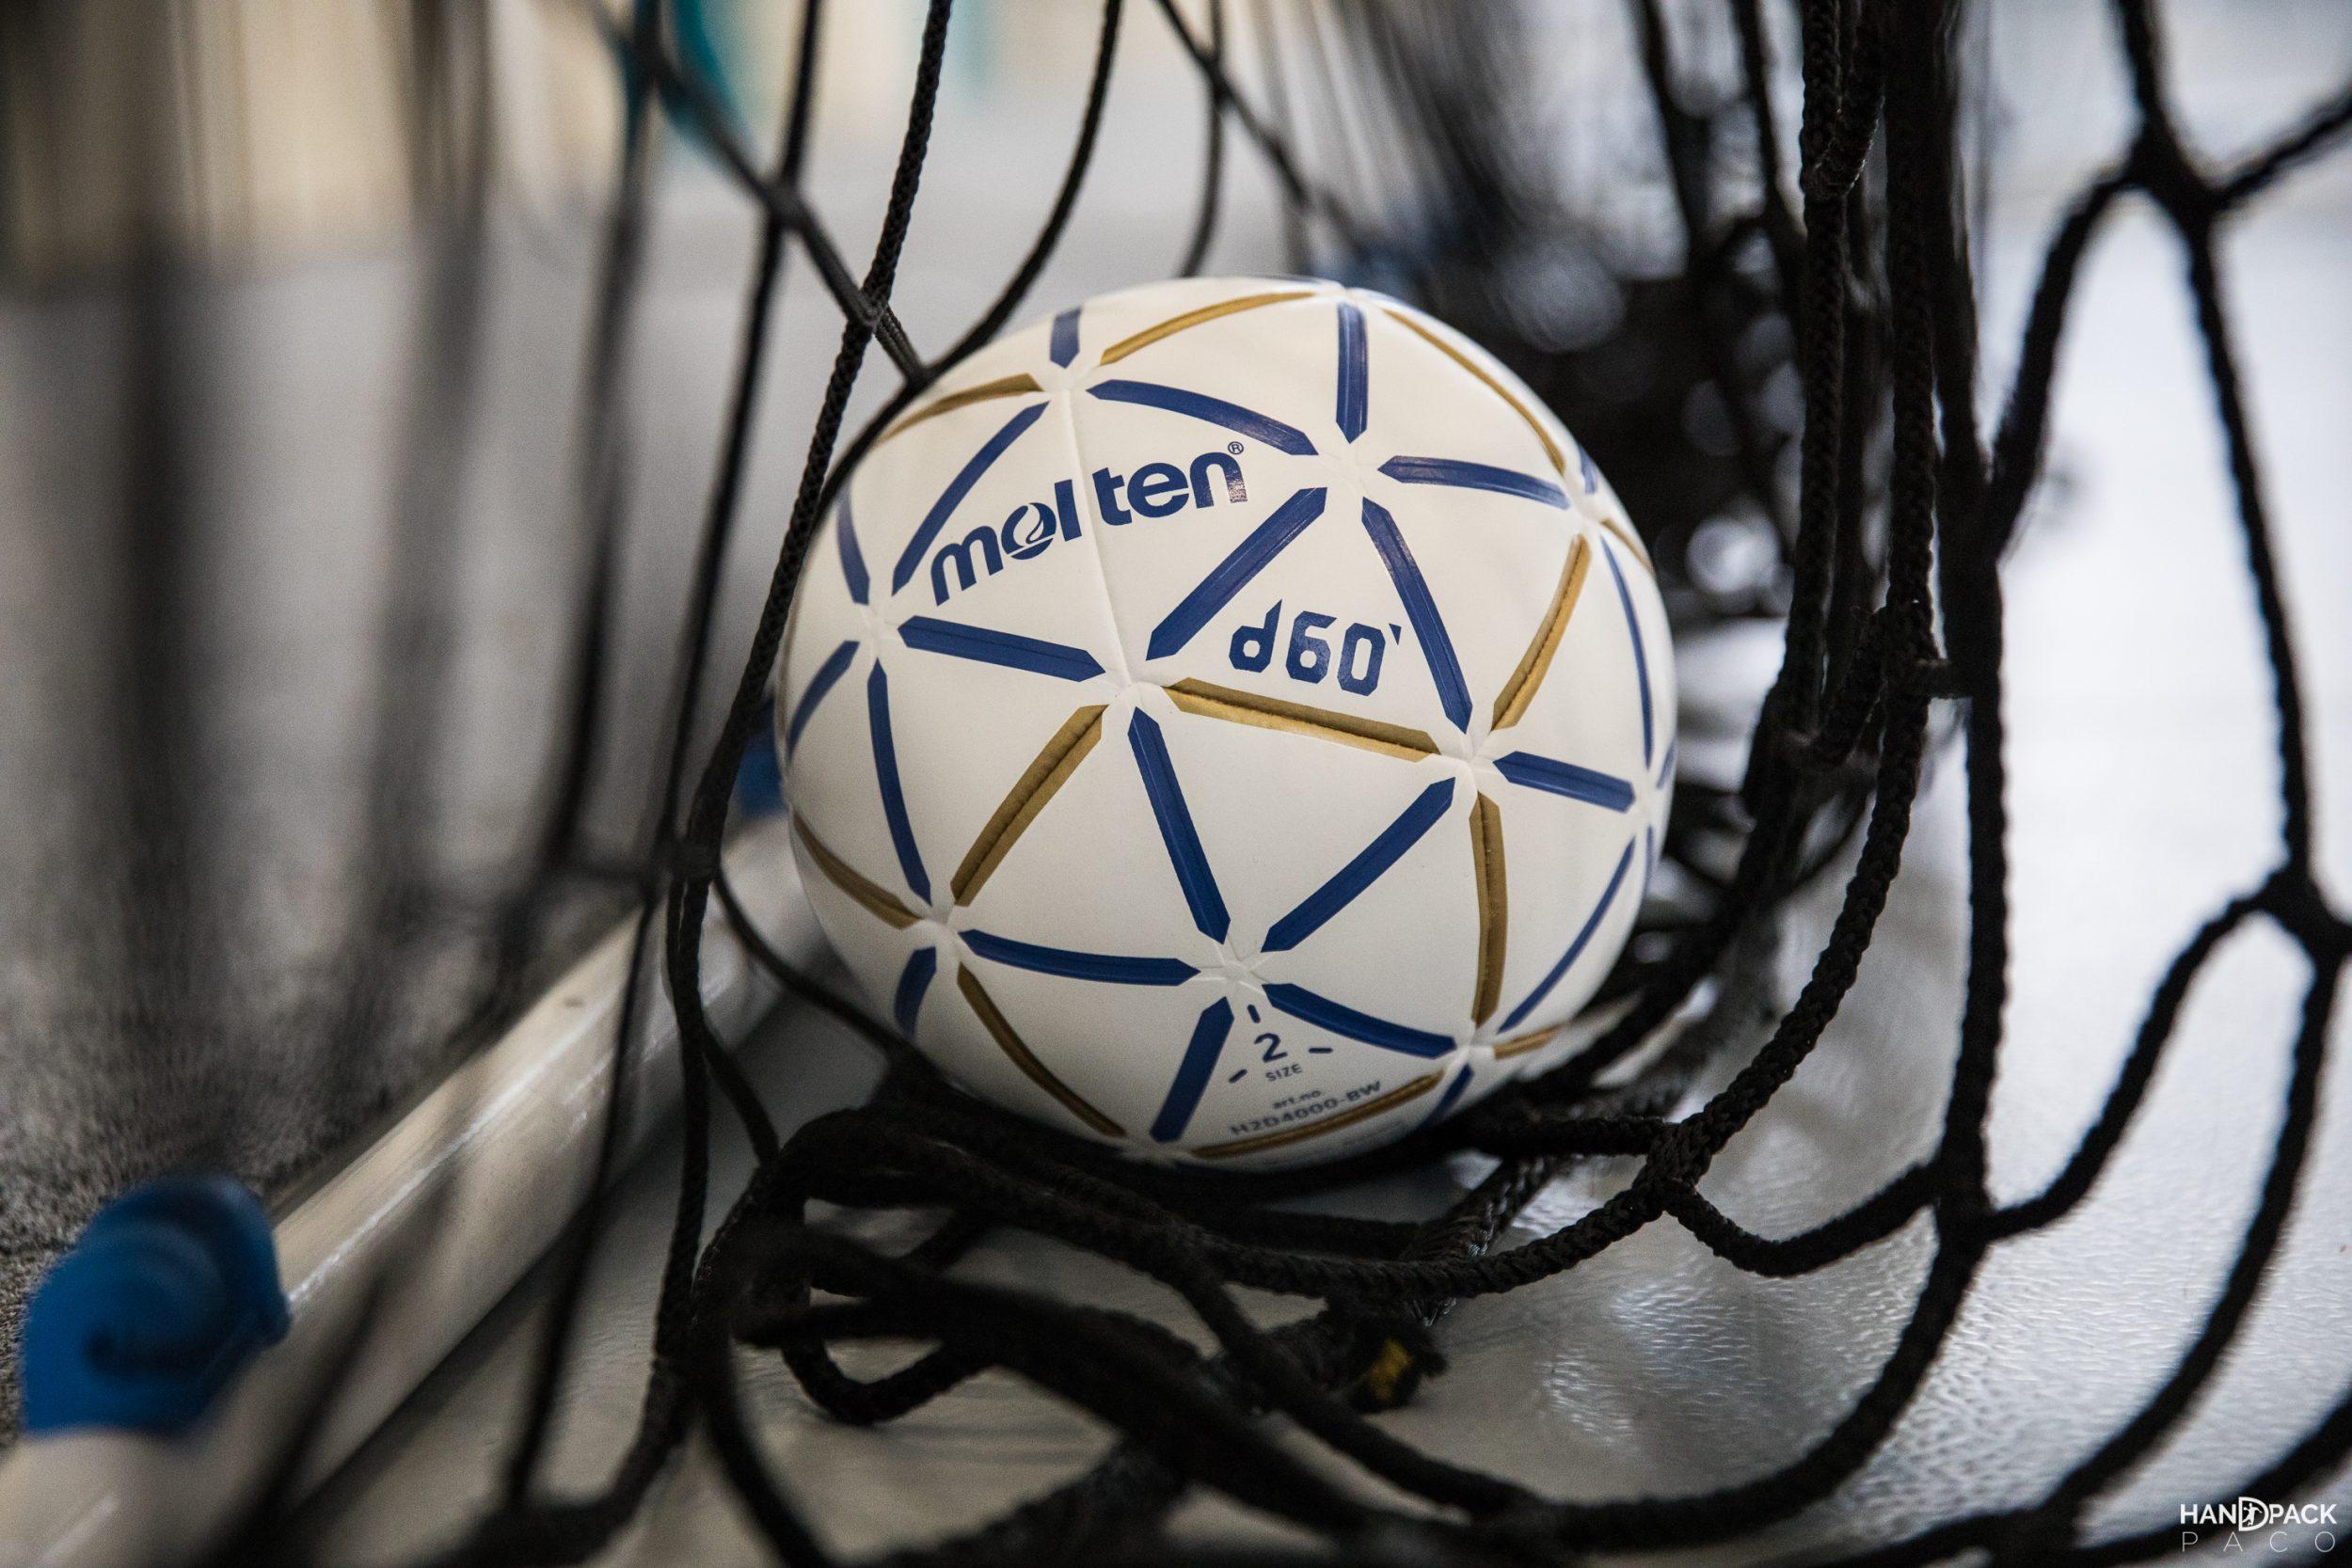 ballon-hand-sans-colle-molten-d60-14